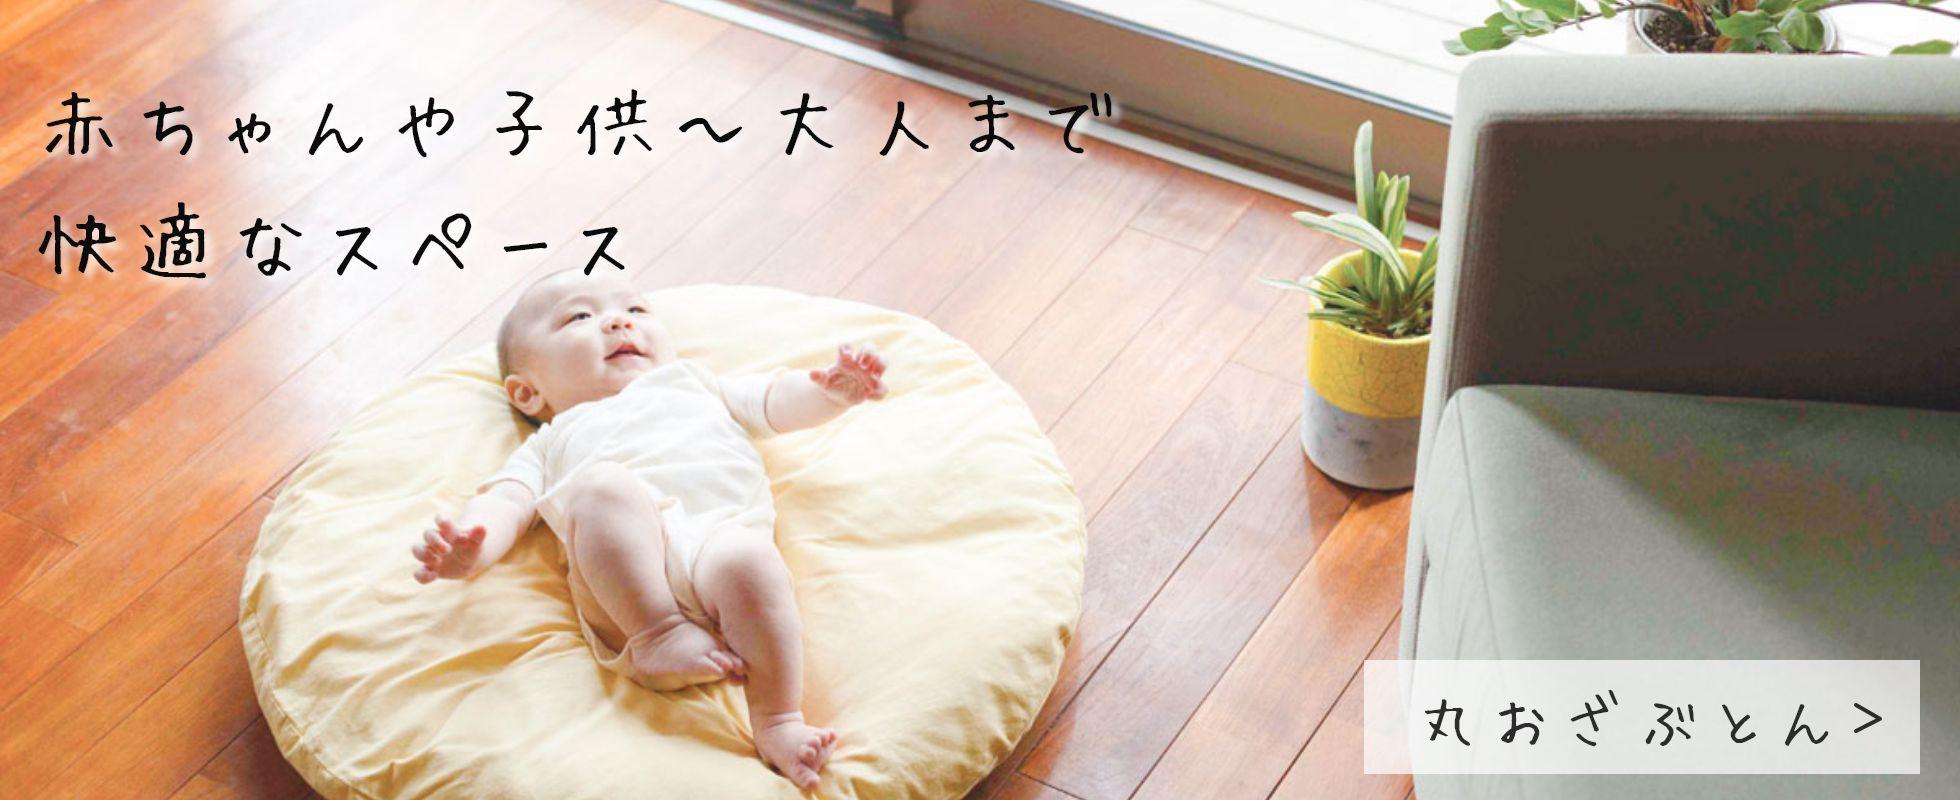 赤ちゃんや子供〜大人まで快適なスペース 丸おざぶとん